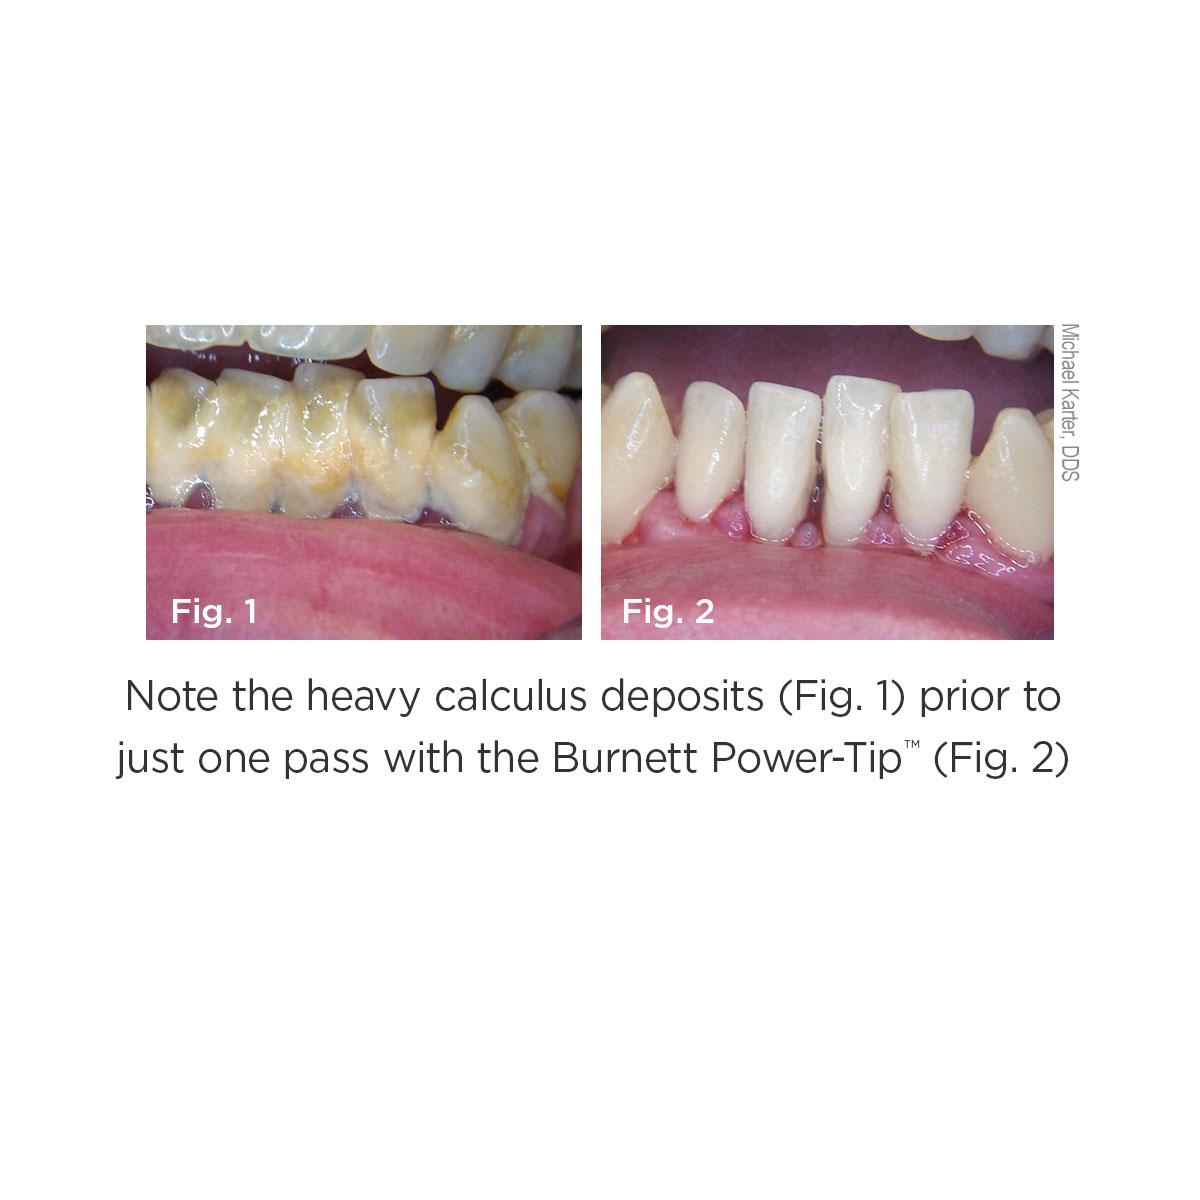 Burnett Ultrasonic Insert Clinical